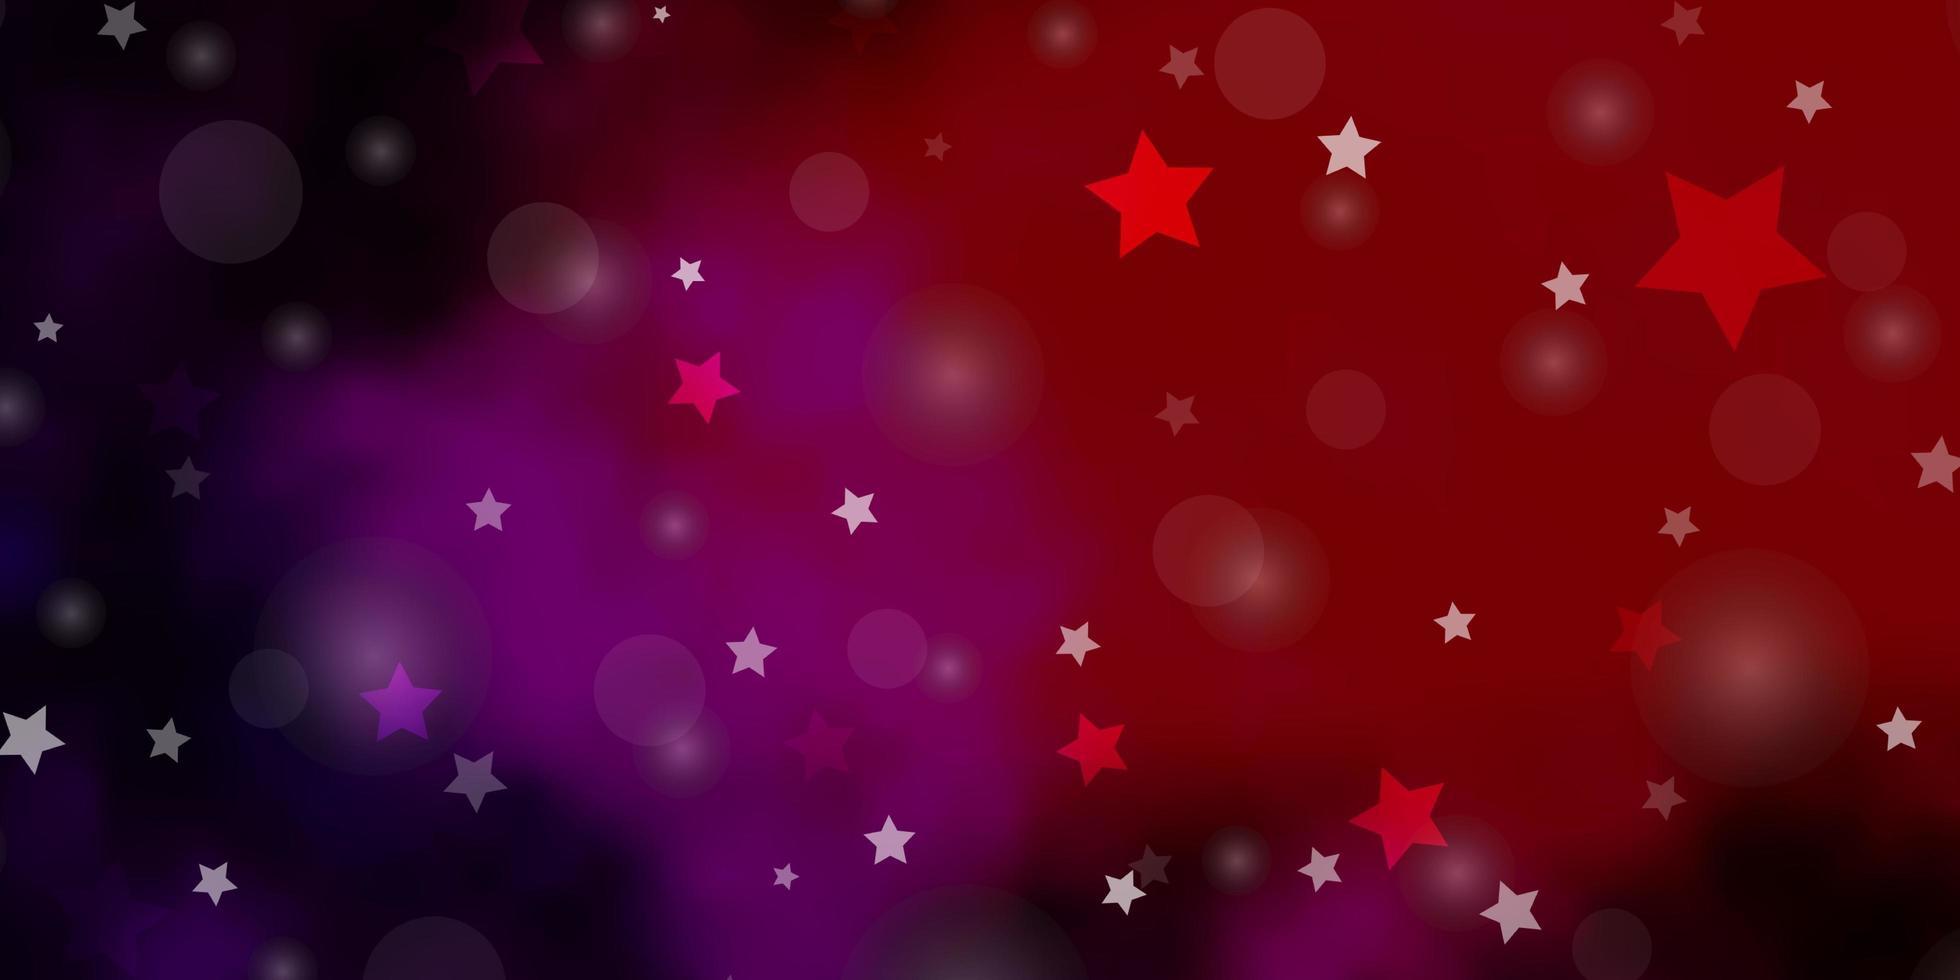 layout de vetor rosa escuro, vermelho com círculos, estrelas.